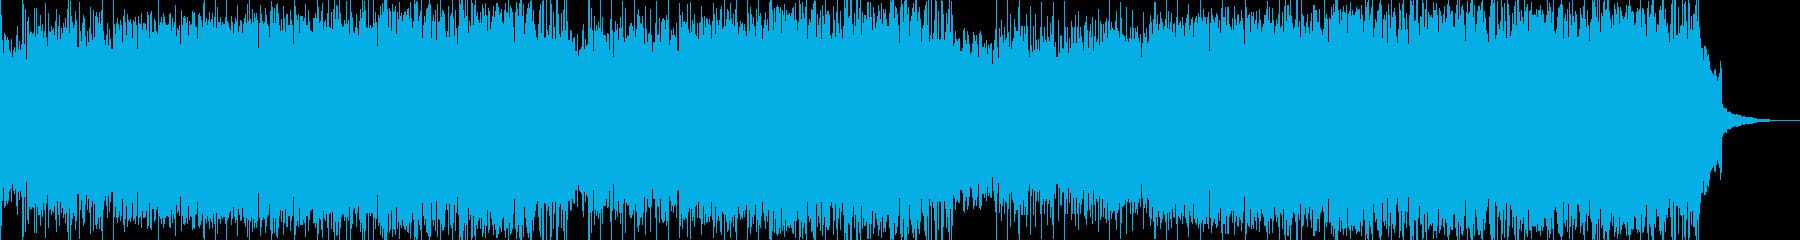 オルタナティブポップロック、男性ボ...の再生済みの波形